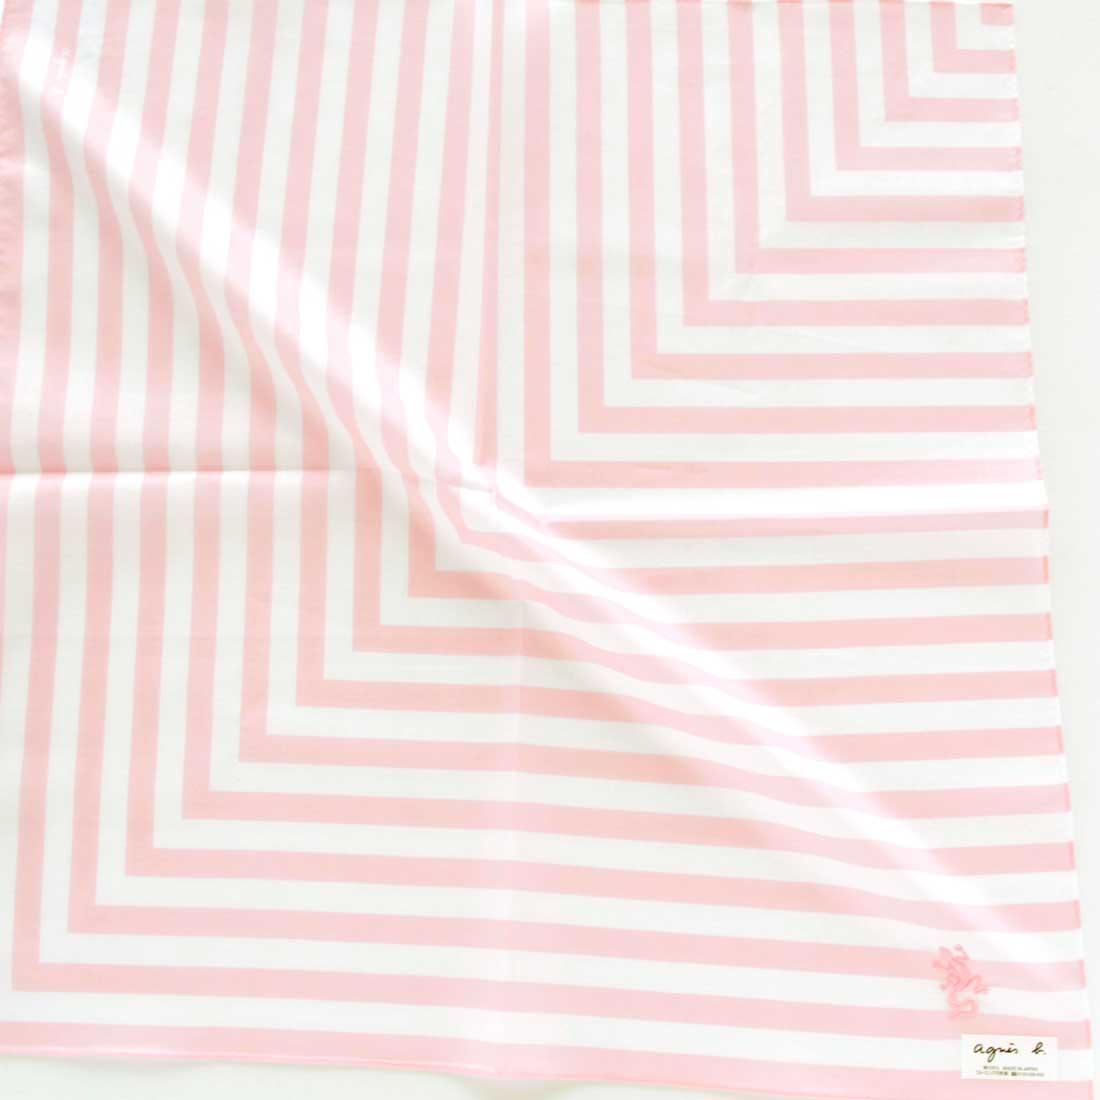 アニエスベー プリントハンカチ 9201 ピンク 【agnes b】